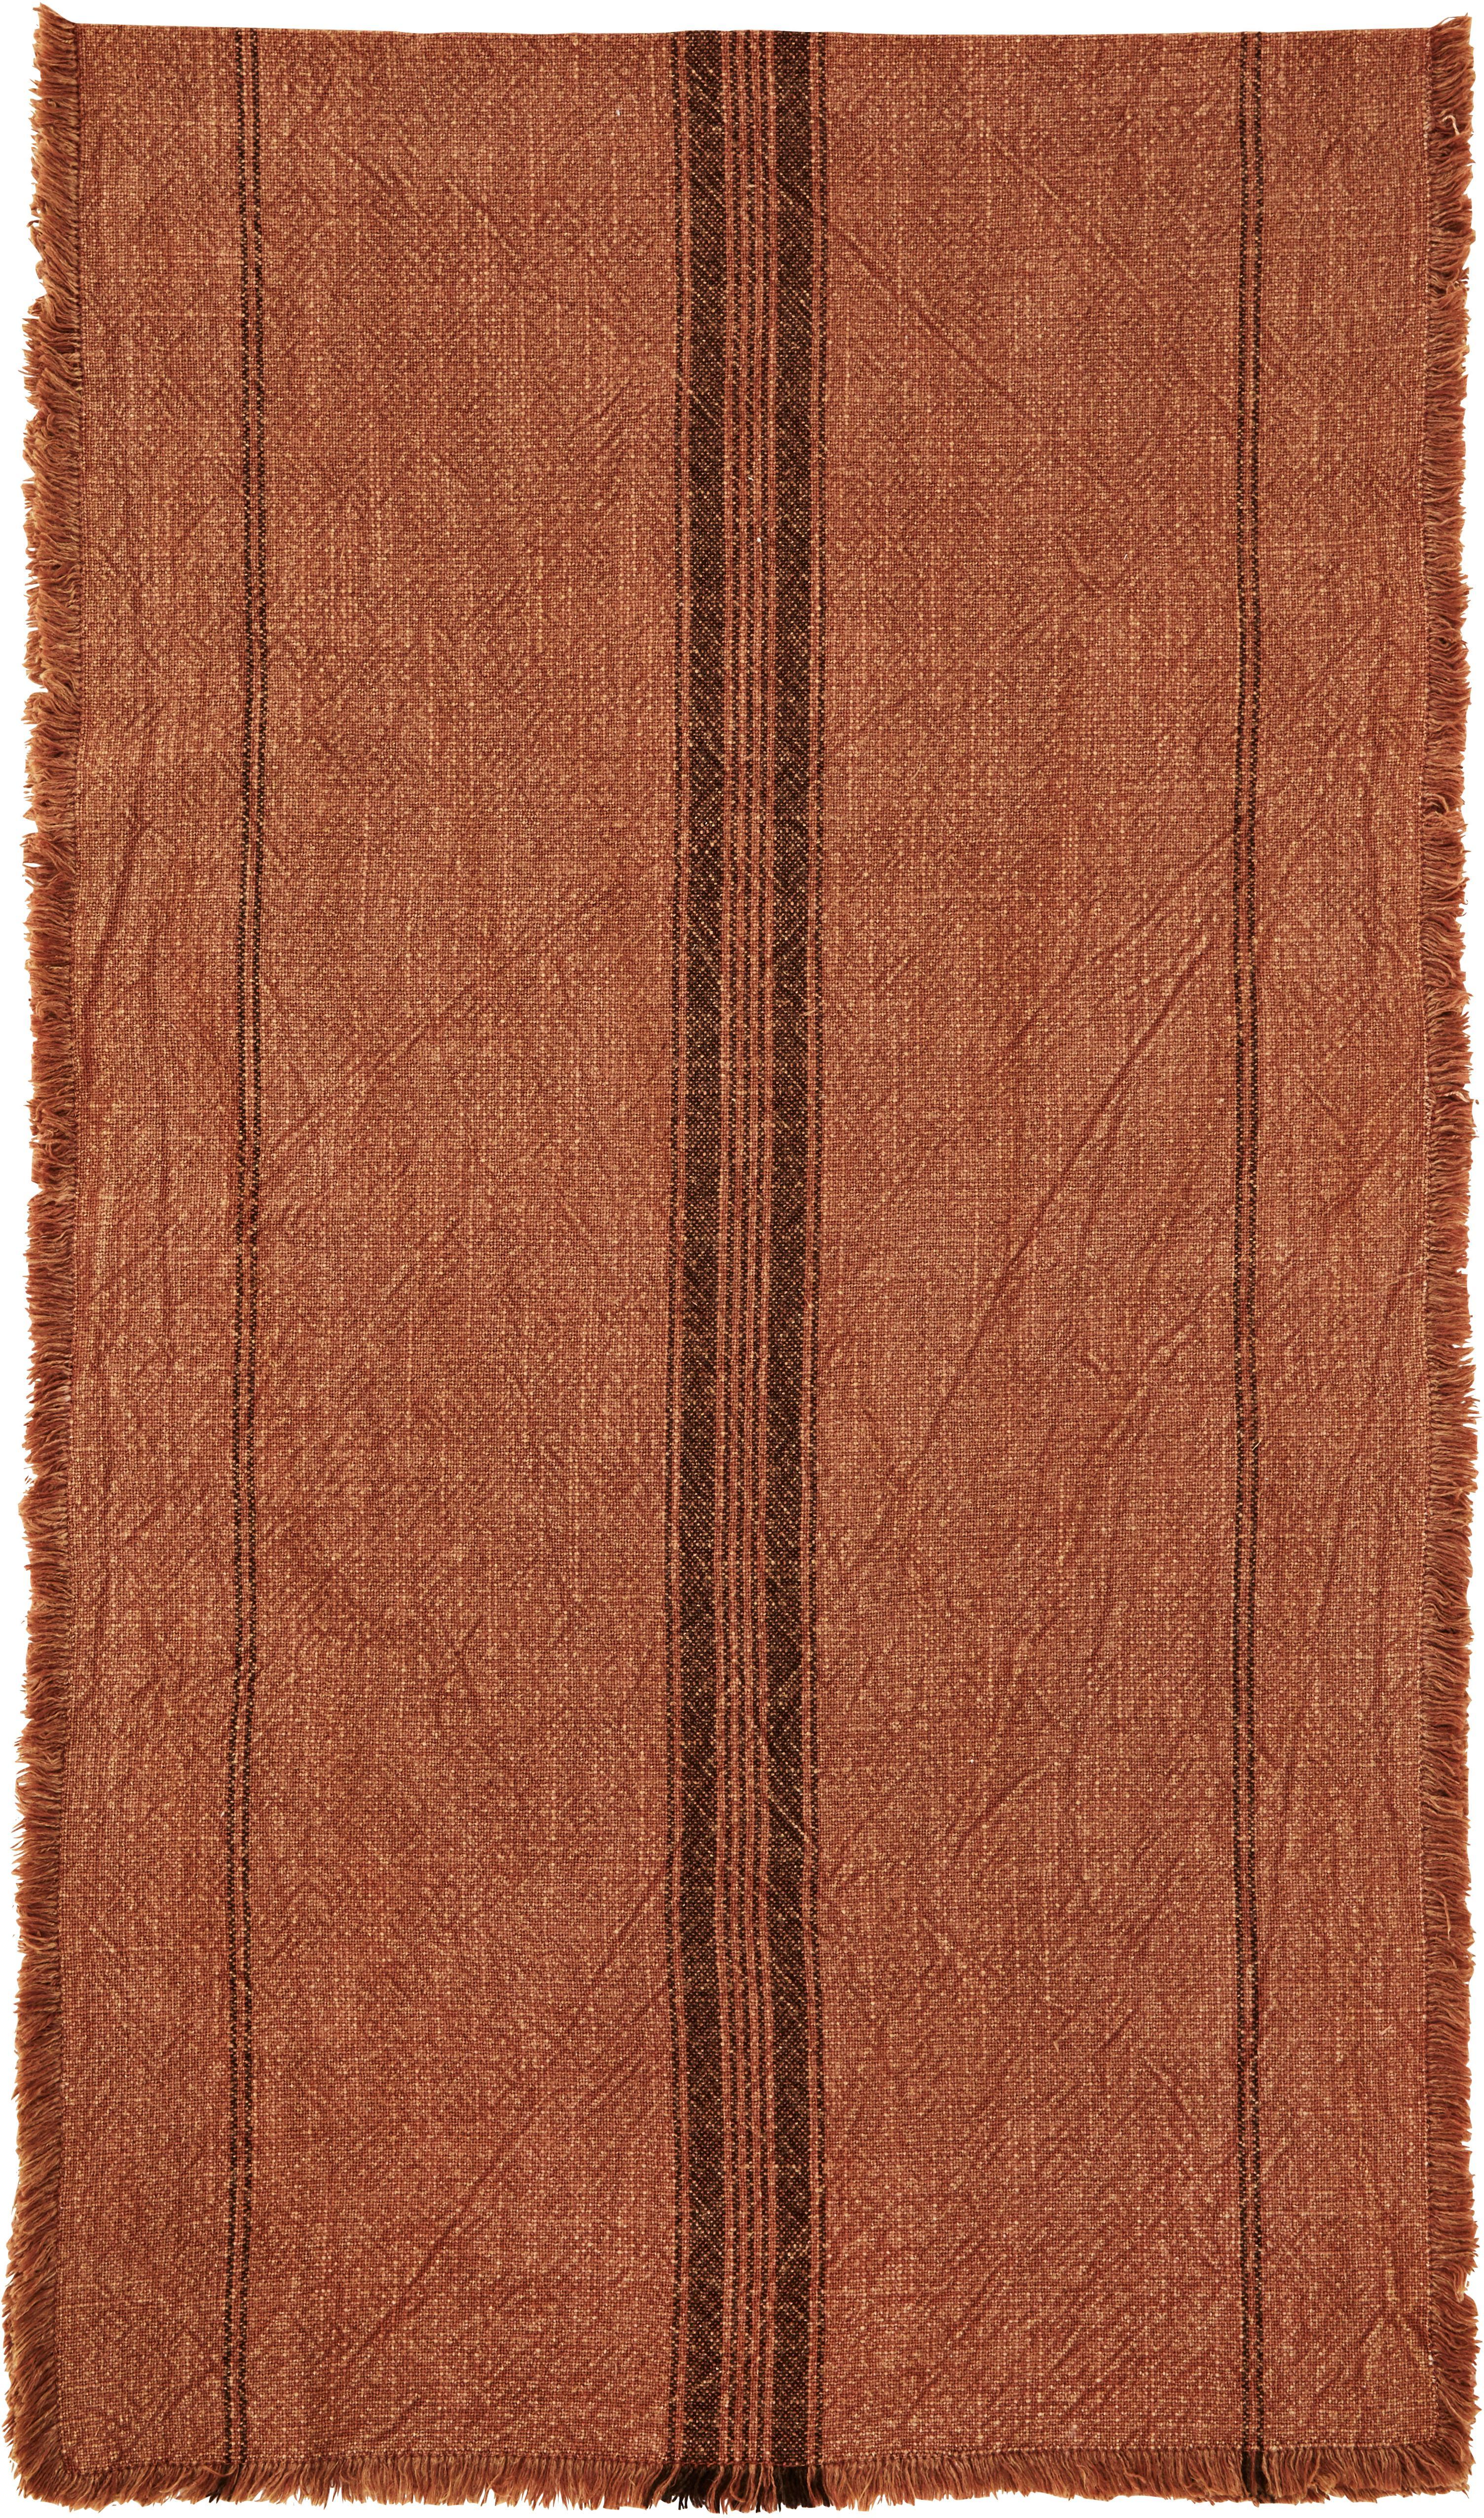 Bieżnik Ripo, 100% bawełna, Ziegelrot, czarny, S 40 x D 140 cm